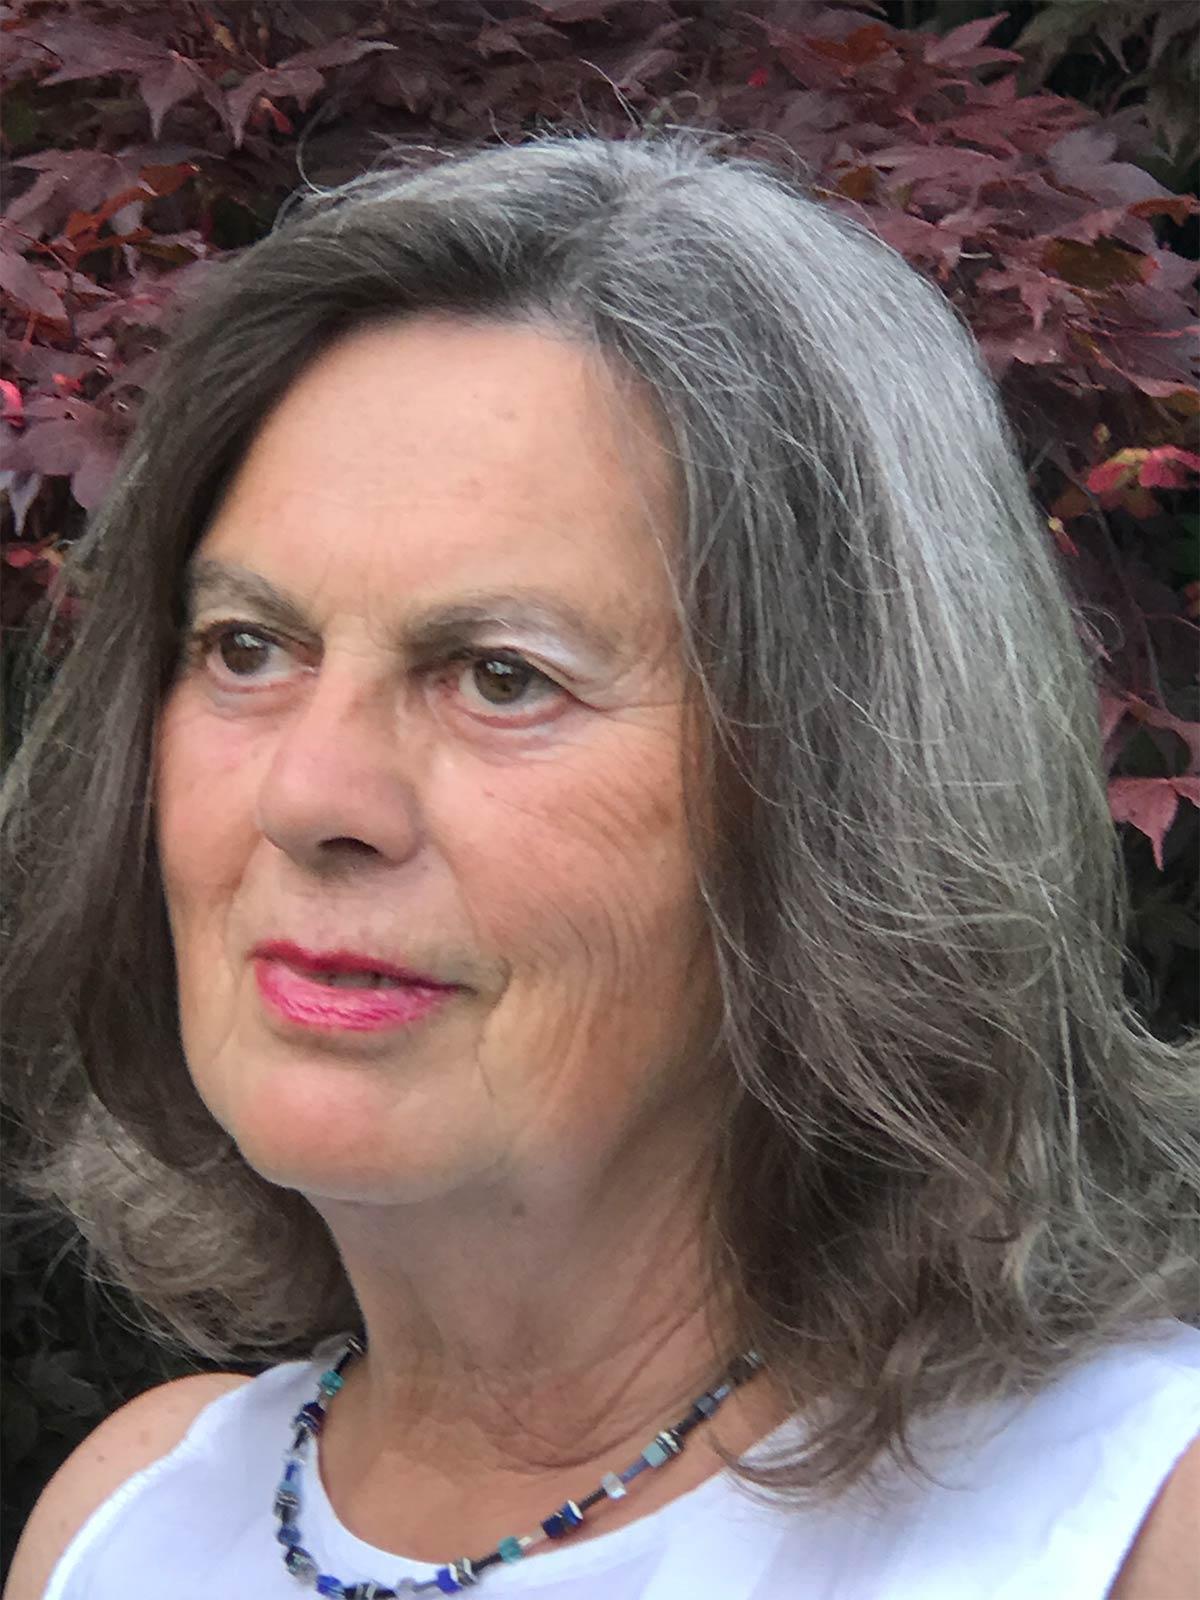 Anne-Riet de Boer